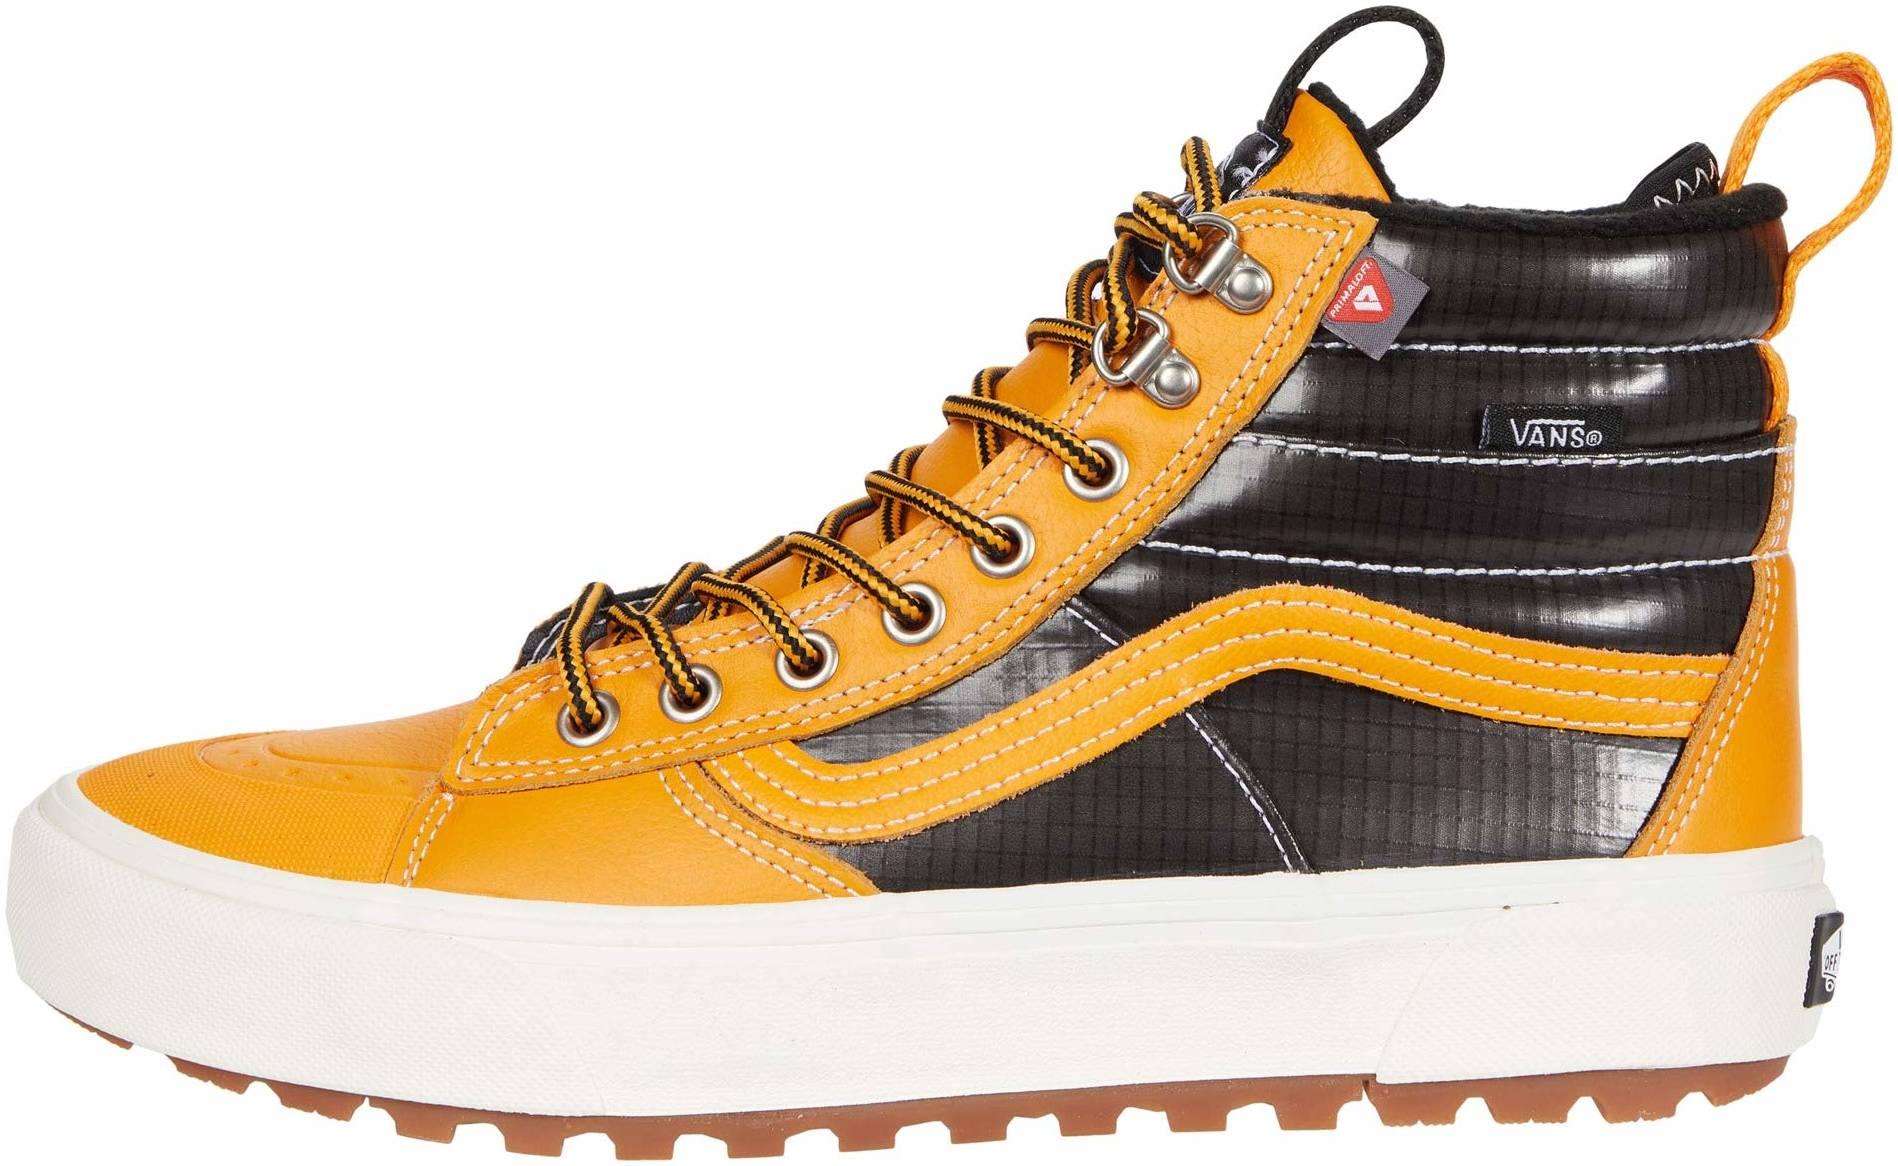 Vans SK8-Hi MTE 2.0 DX sneakers in 6 colors (only $74) | RunRepeat